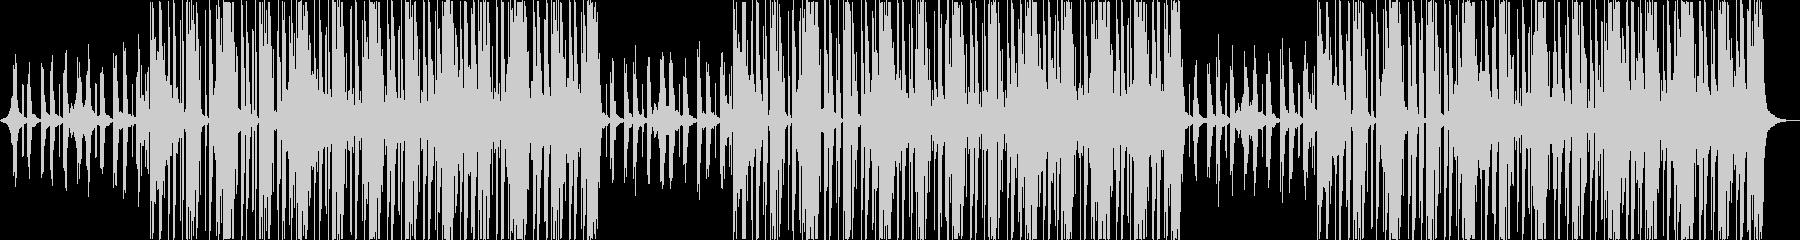 おしゃれ洋楽ヒップホップR&Bソウルaの未再生の波形